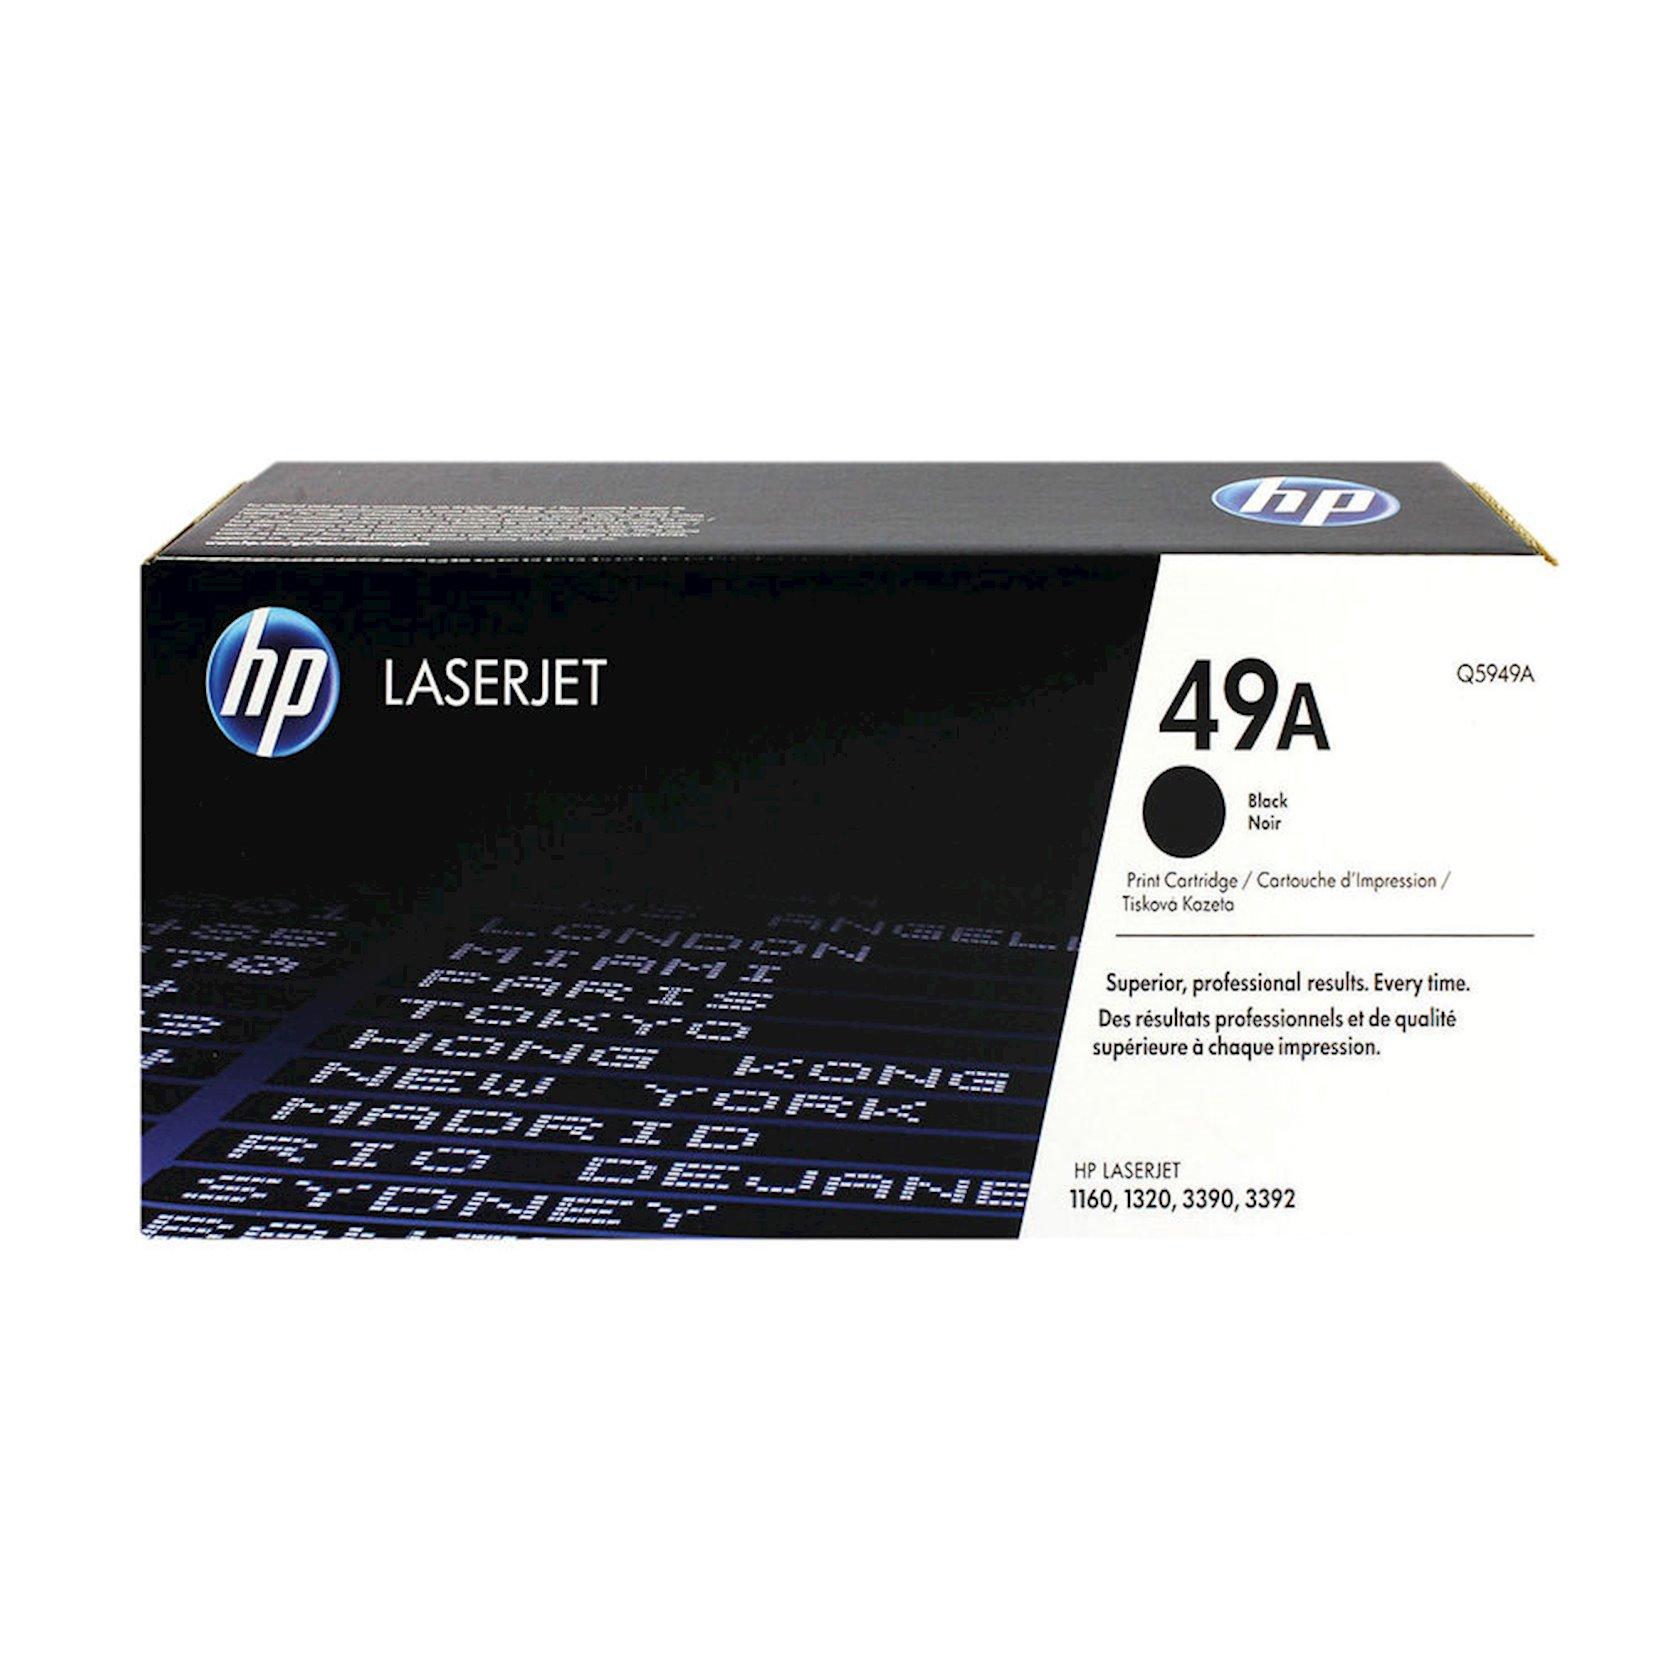 Kartric HP LaserJet (Q5949A)